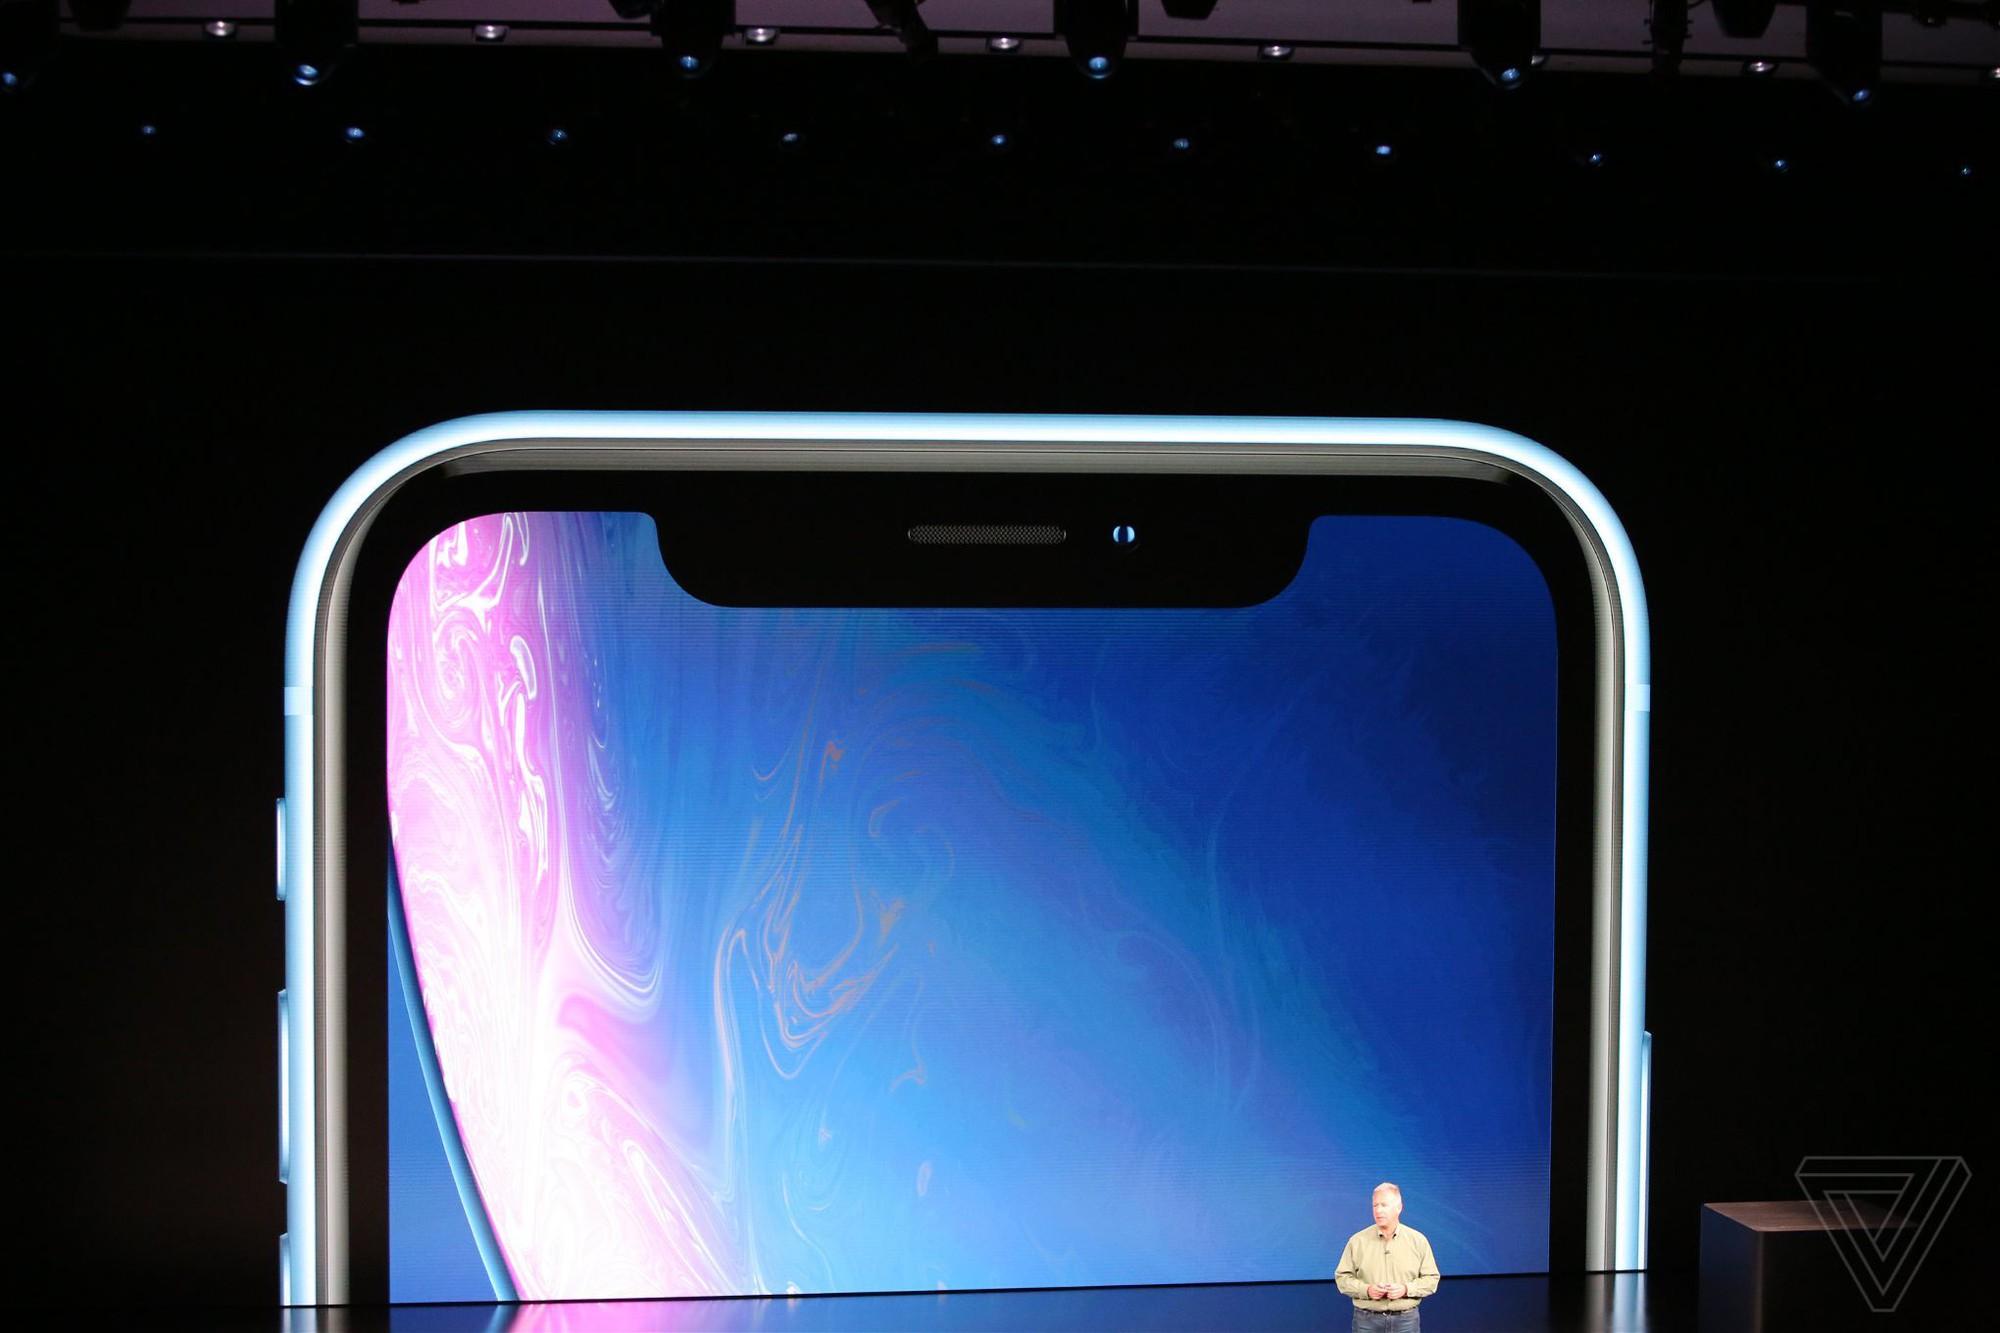 iPhone Xr đây rồi: nhìn như iPhone Xs, có màu xanh nước biển nhưng giá chỉ có 17 triệu thôi - Ảnh 4.